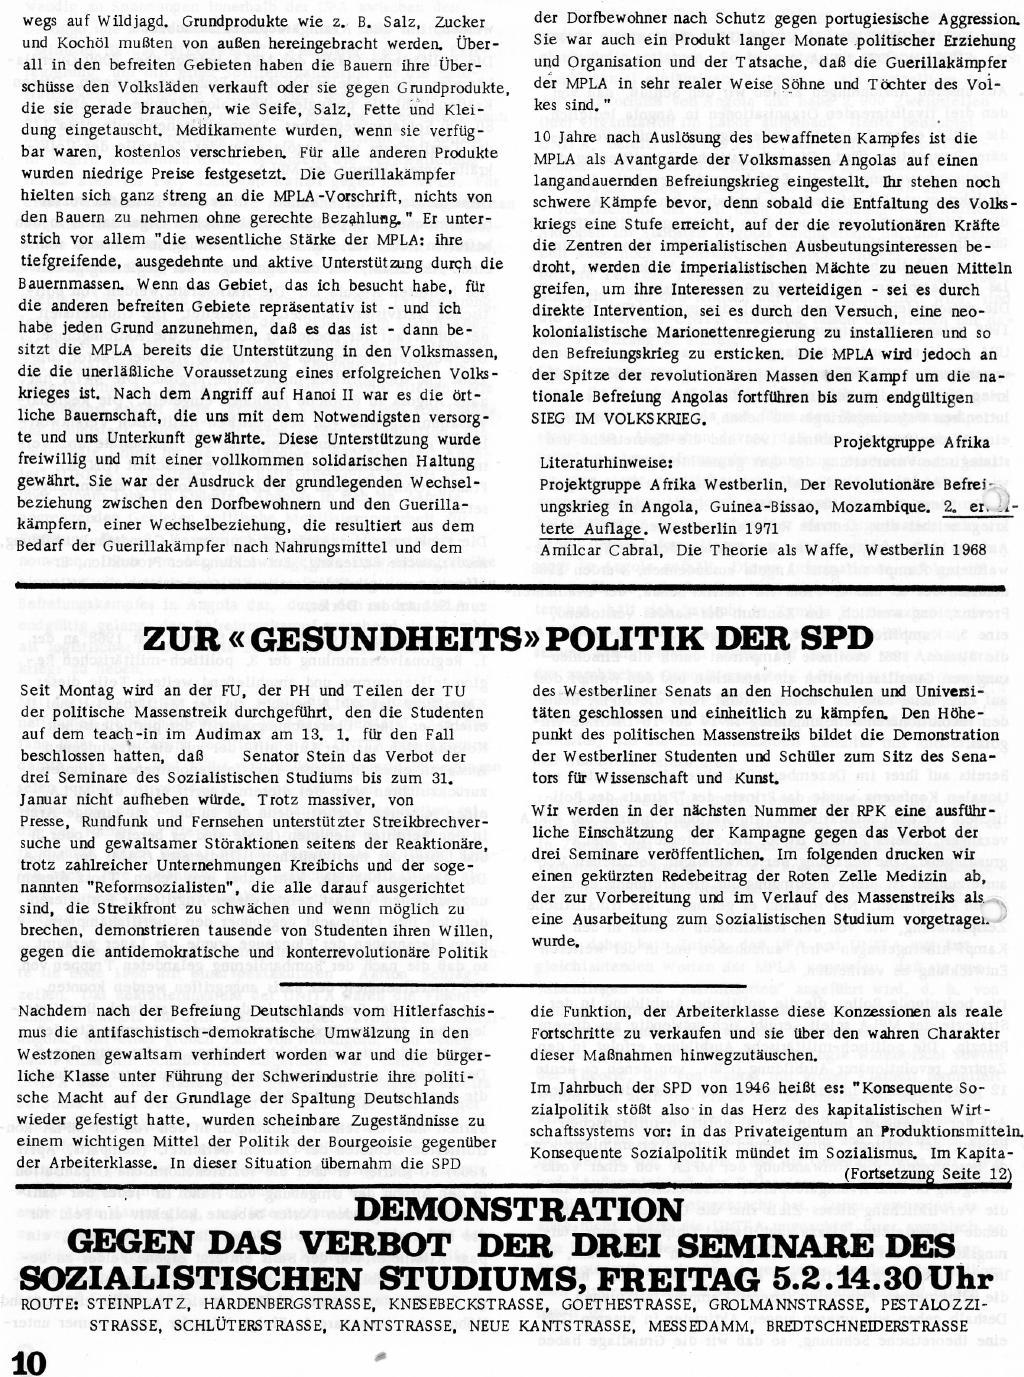 RPK_1971_101_10